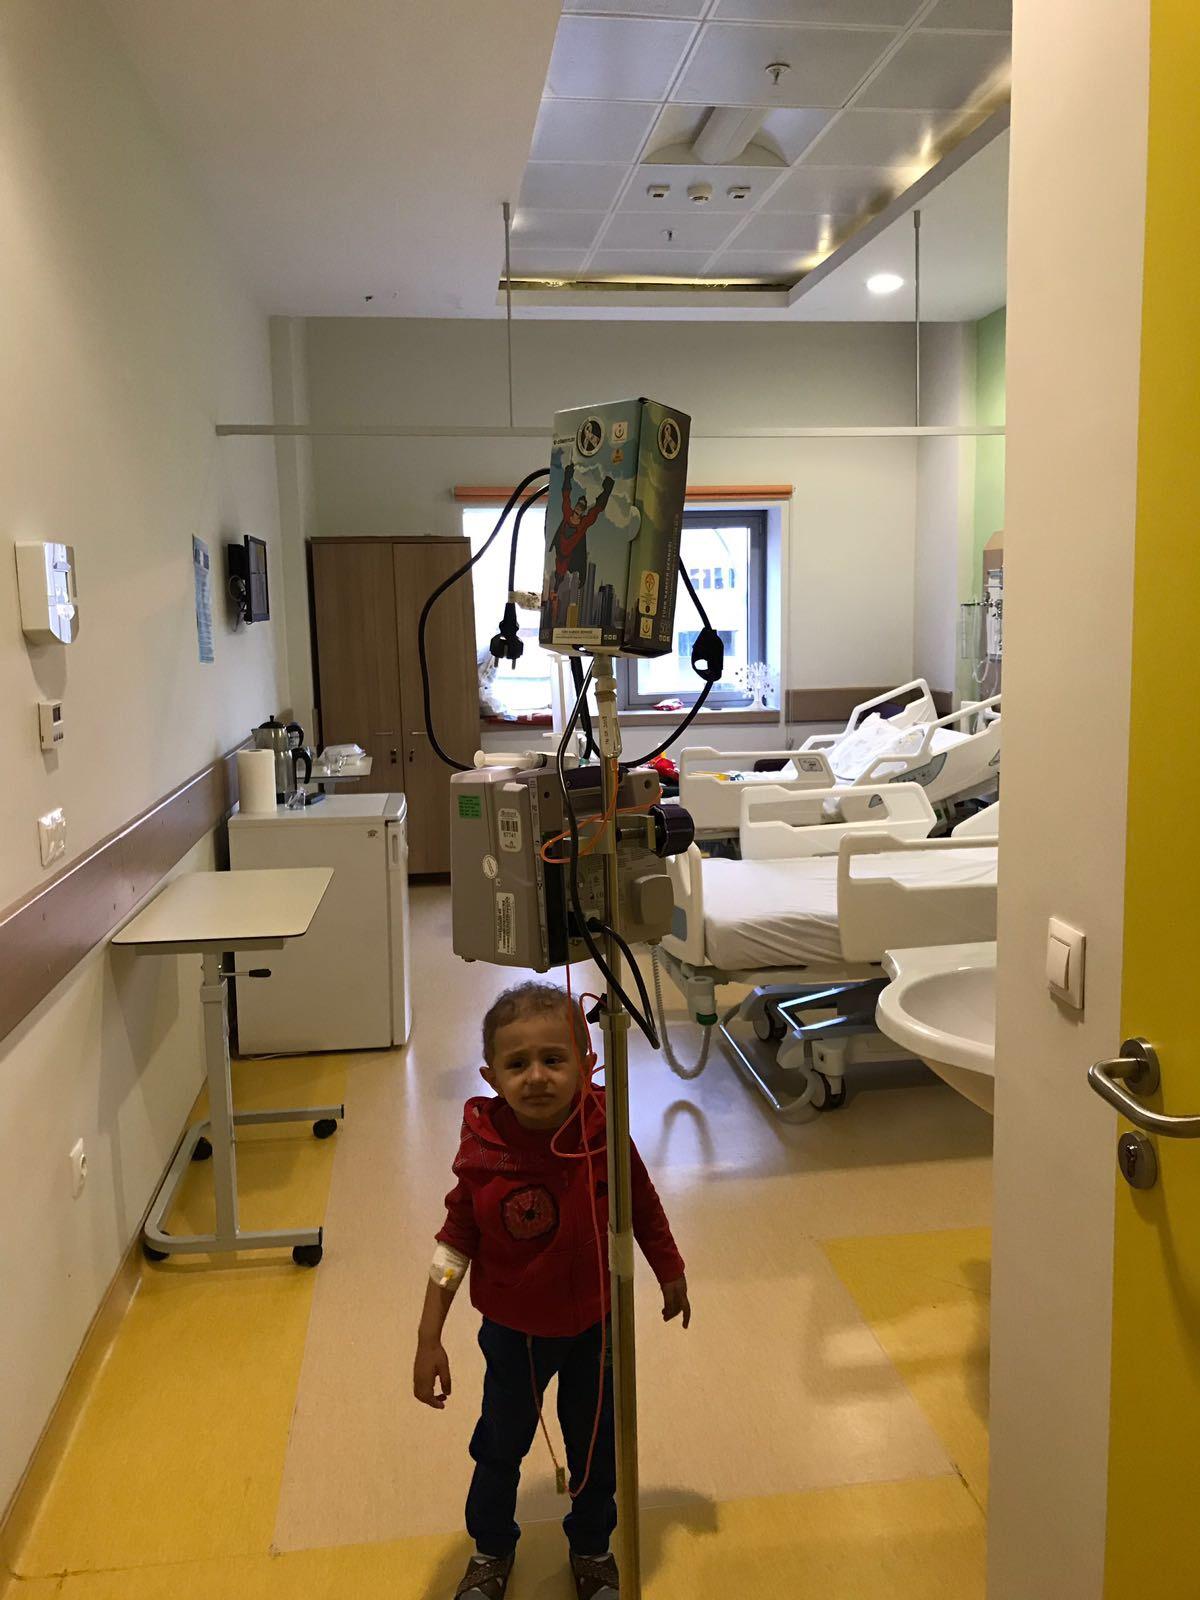 Sevimli Kemoterapi Kutularımız Tüm Hastanelerde Kullanımda - TÜRK KANSER DERNEĞİ